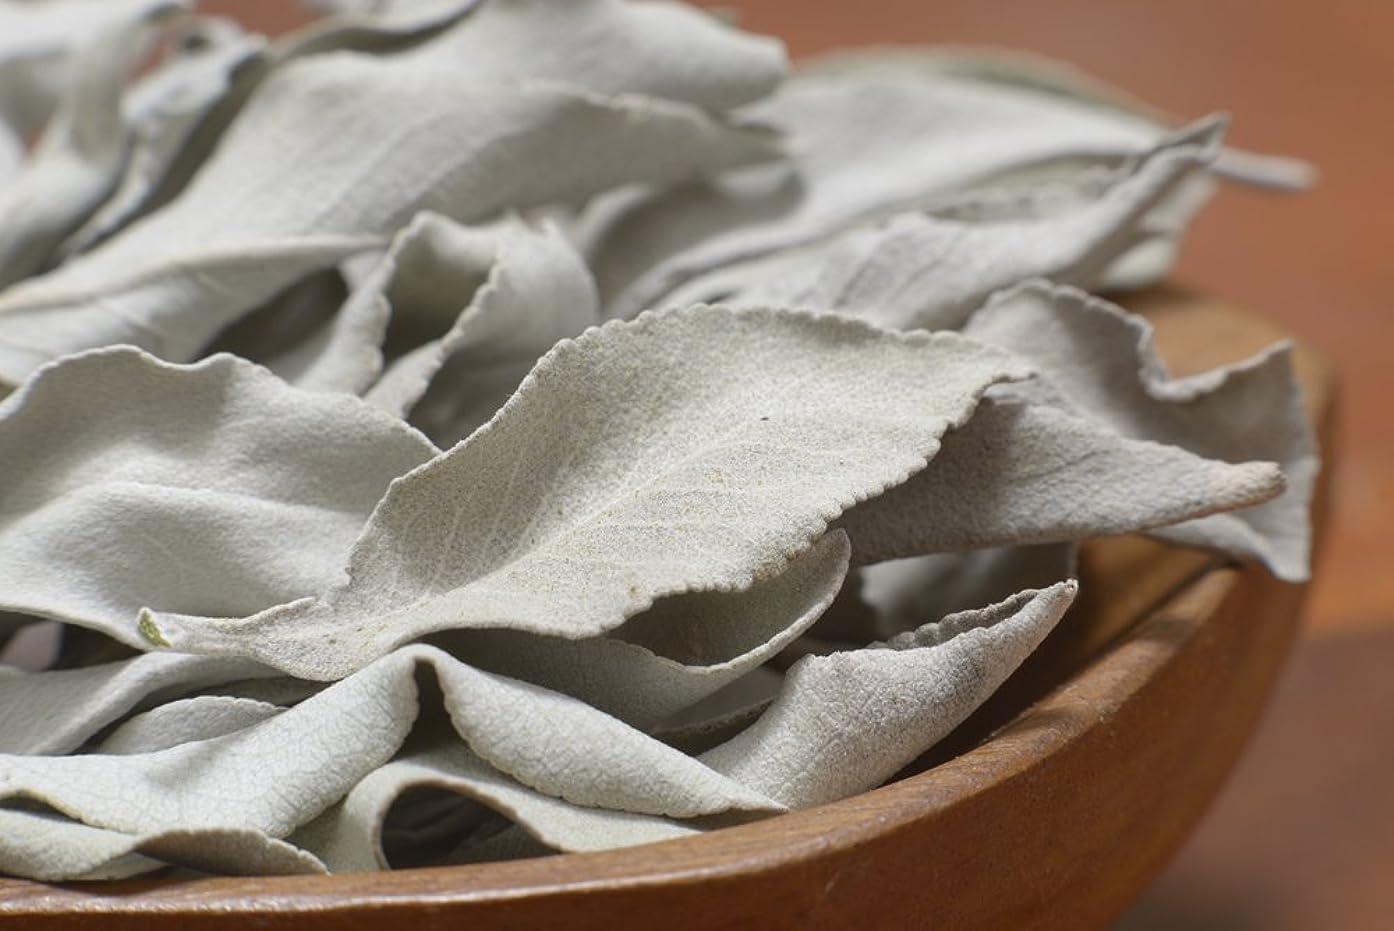 役職外国人影最高級カリフォルニア産オーガニック ホワイトセージ 50g入り (葉+茎タイプ) 無農薬栽培 浄化用 スマッジング用として